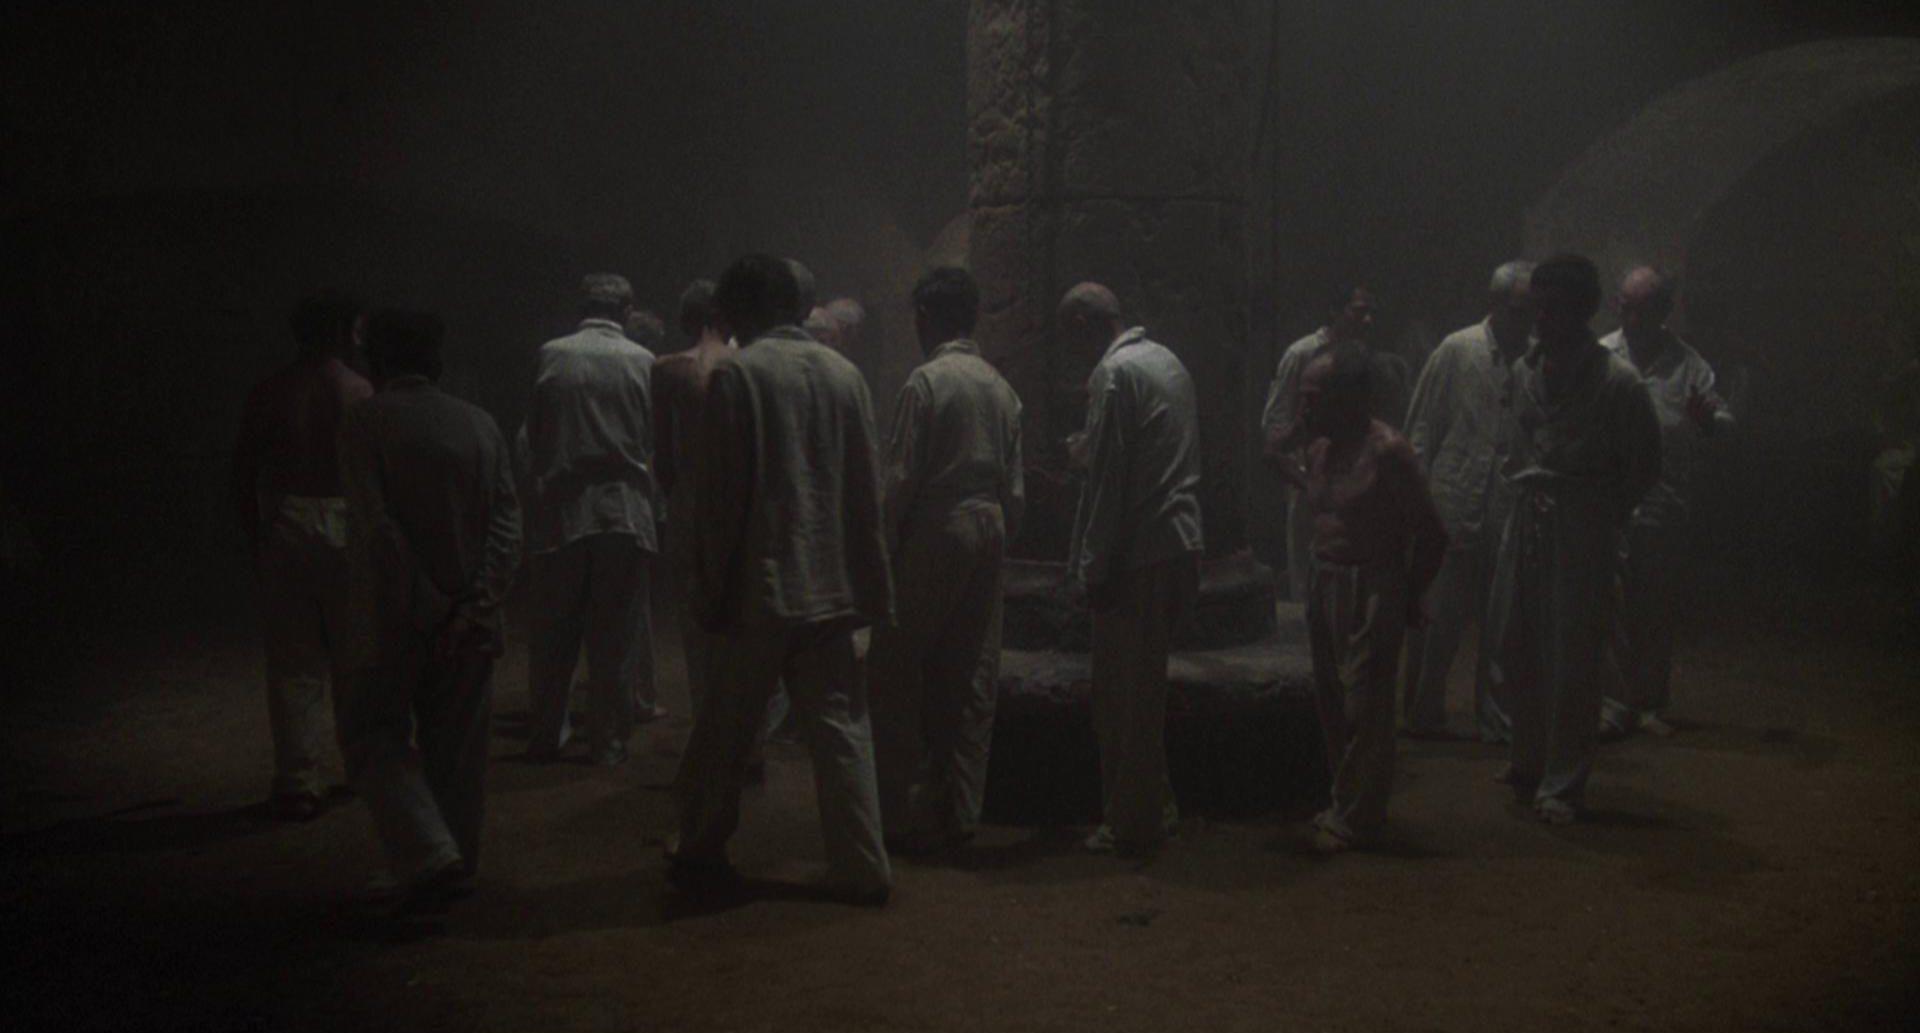 Häftlinge bewegen sich im Kreisgang durch einen düsteren Raum.